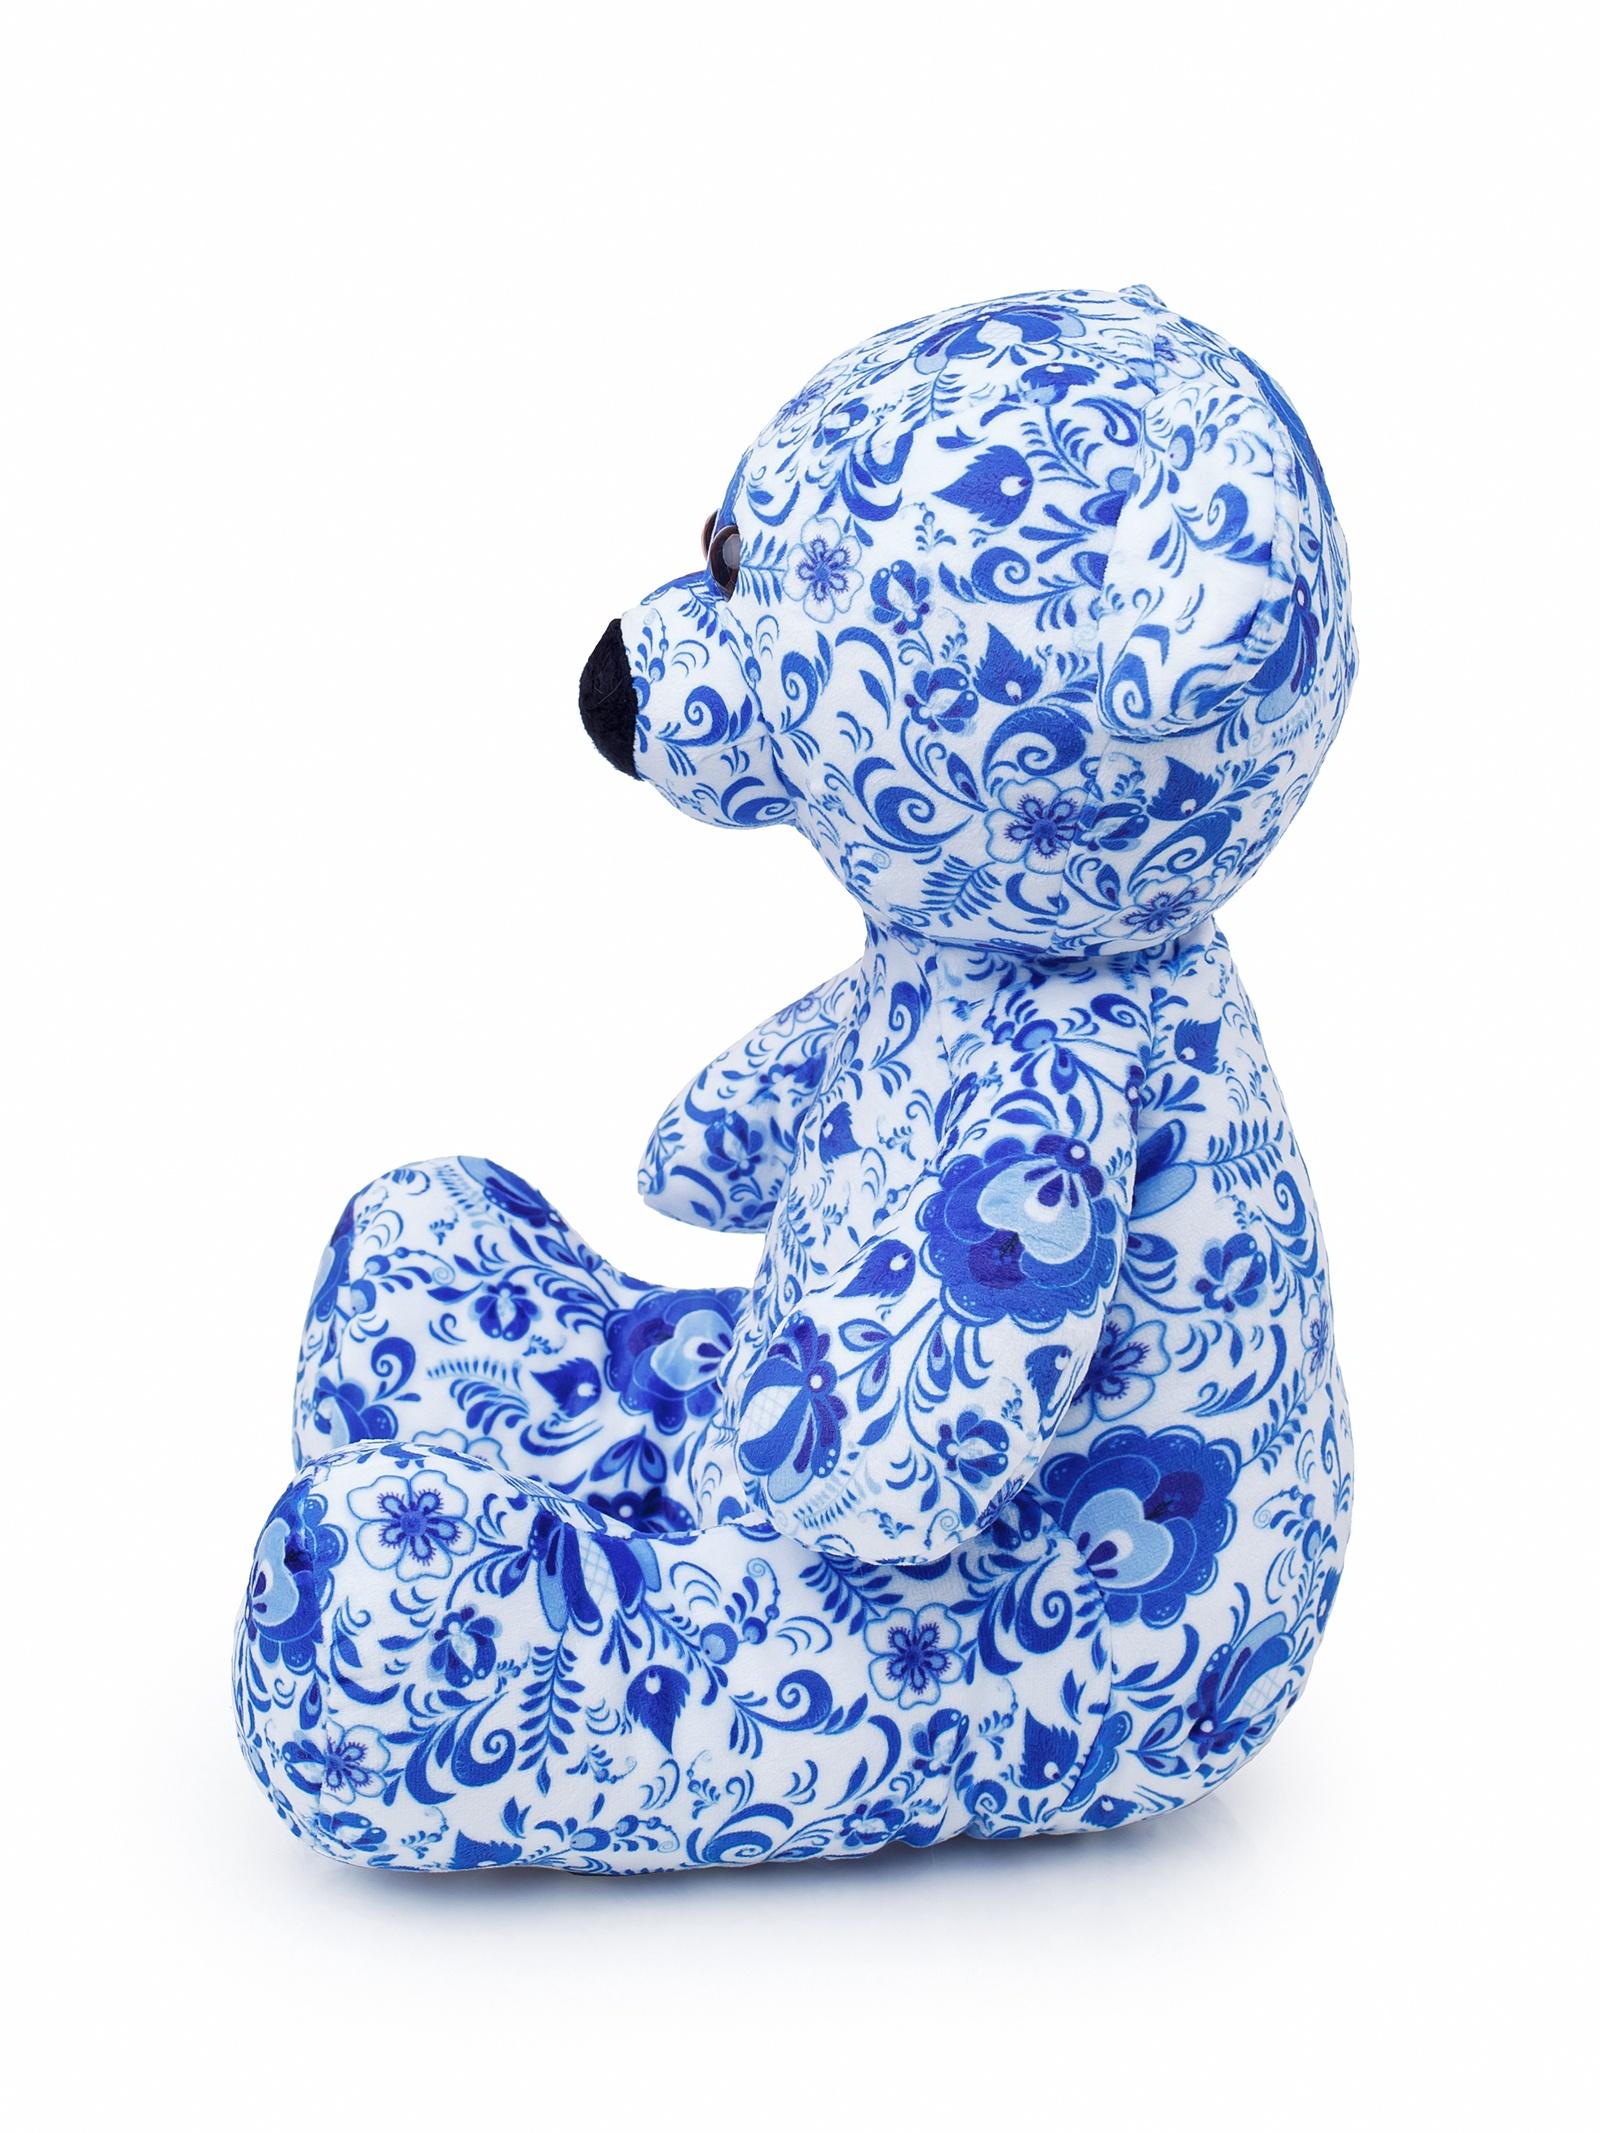 Мягкая Игрушка Медвежонок Сёмка, 35см смолтойс мягкая игрушка медвежонок монти 100 см